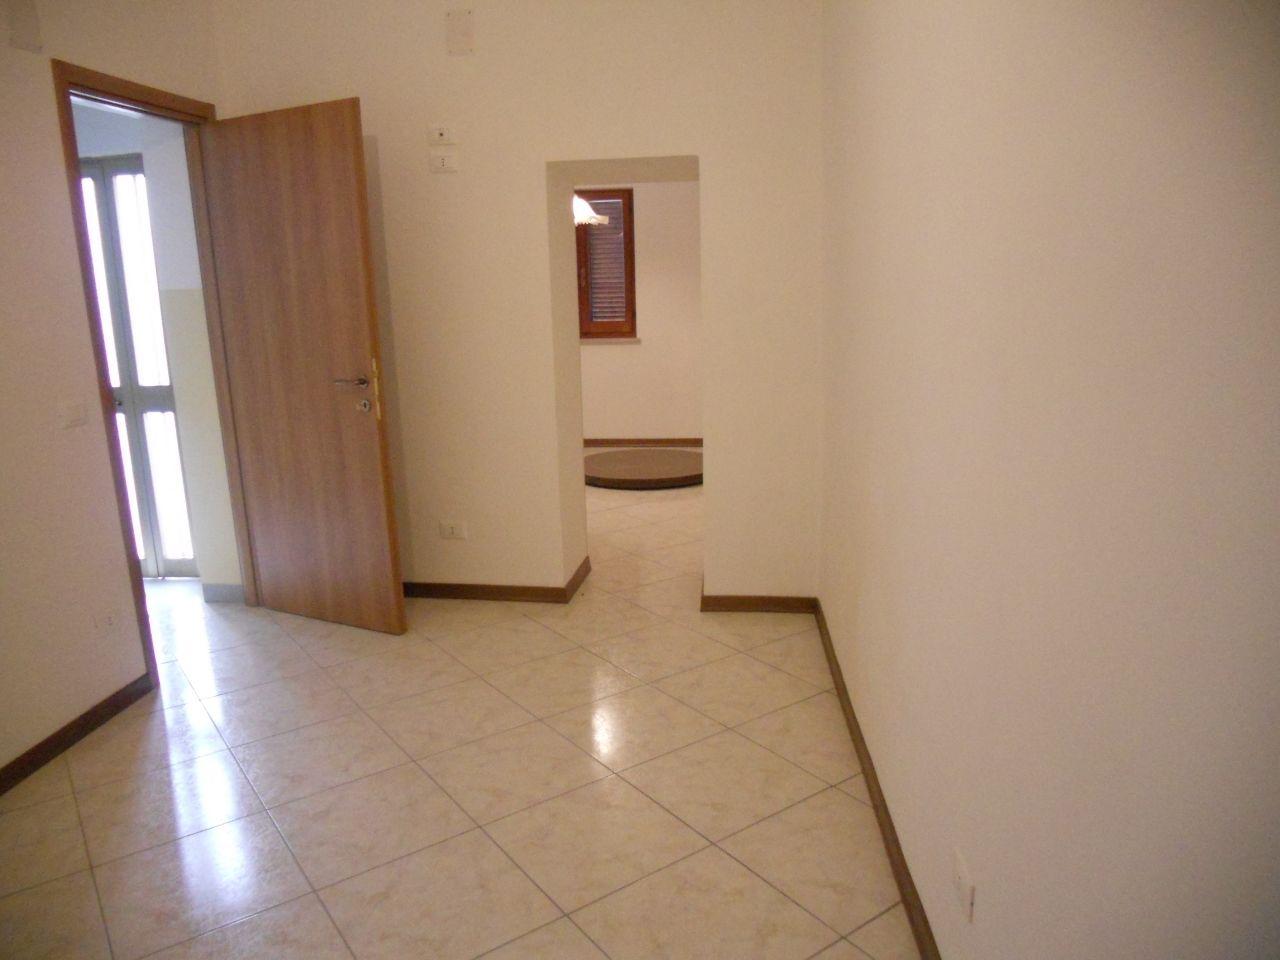 Palazzo / Stabile in vendita a Maltignano, 9999 locali, prezzo € 90.000 | Cambio Casa.it